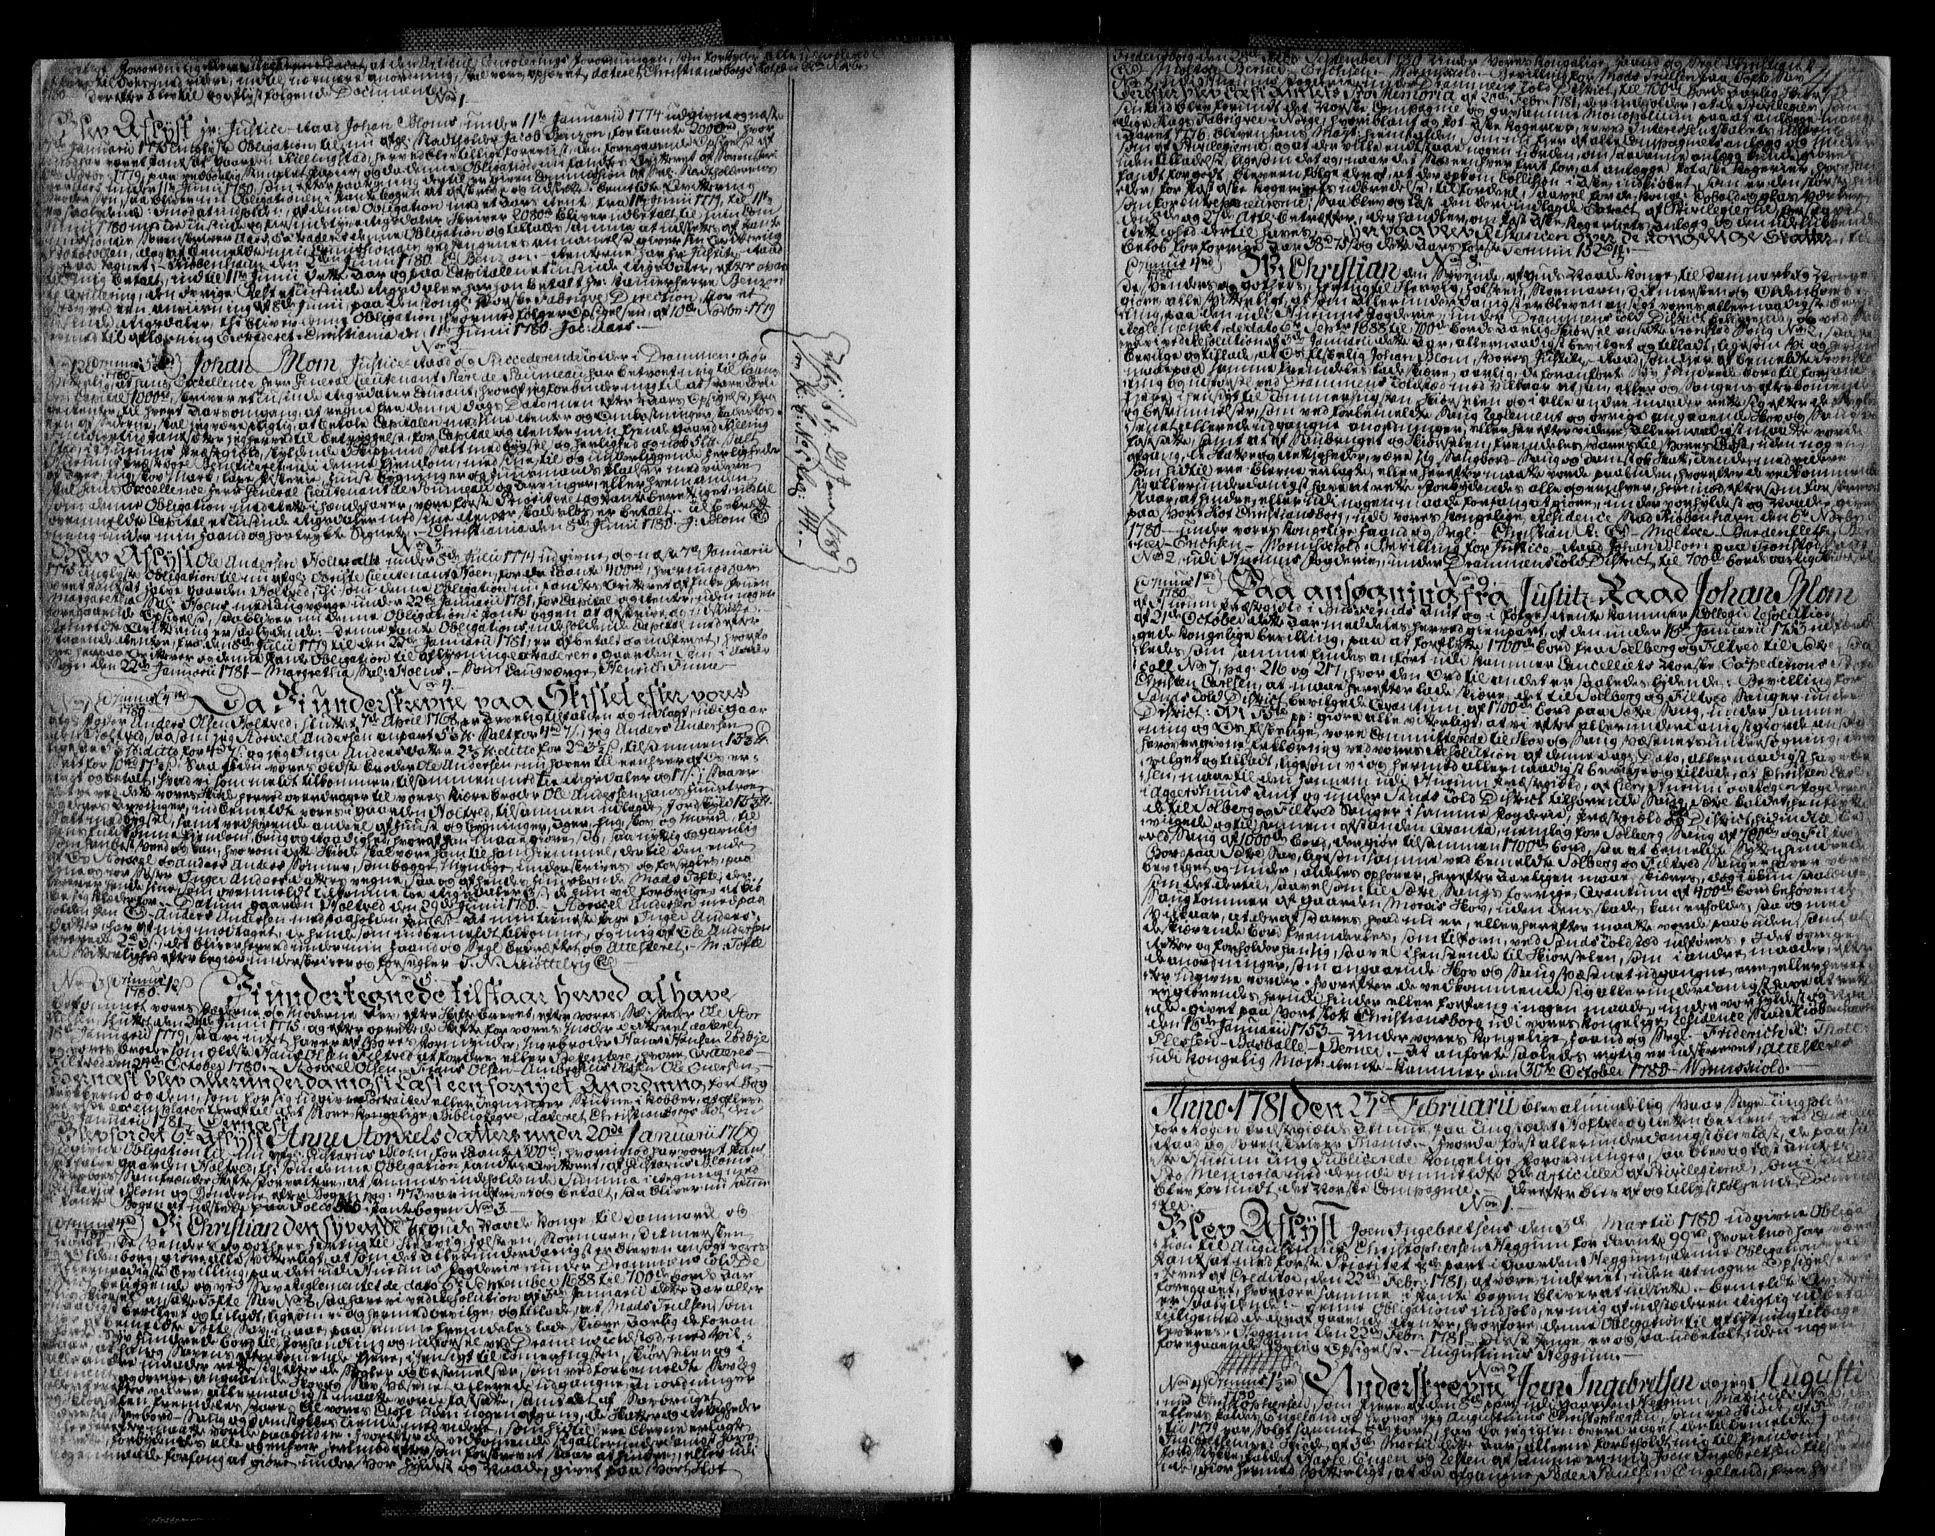 SAKO, Lier, Røyken og Hurum sorenskriveri, G/Ga/Gaa/L0004b: Pantebok nr. IVb, 1779-1788, s. 412